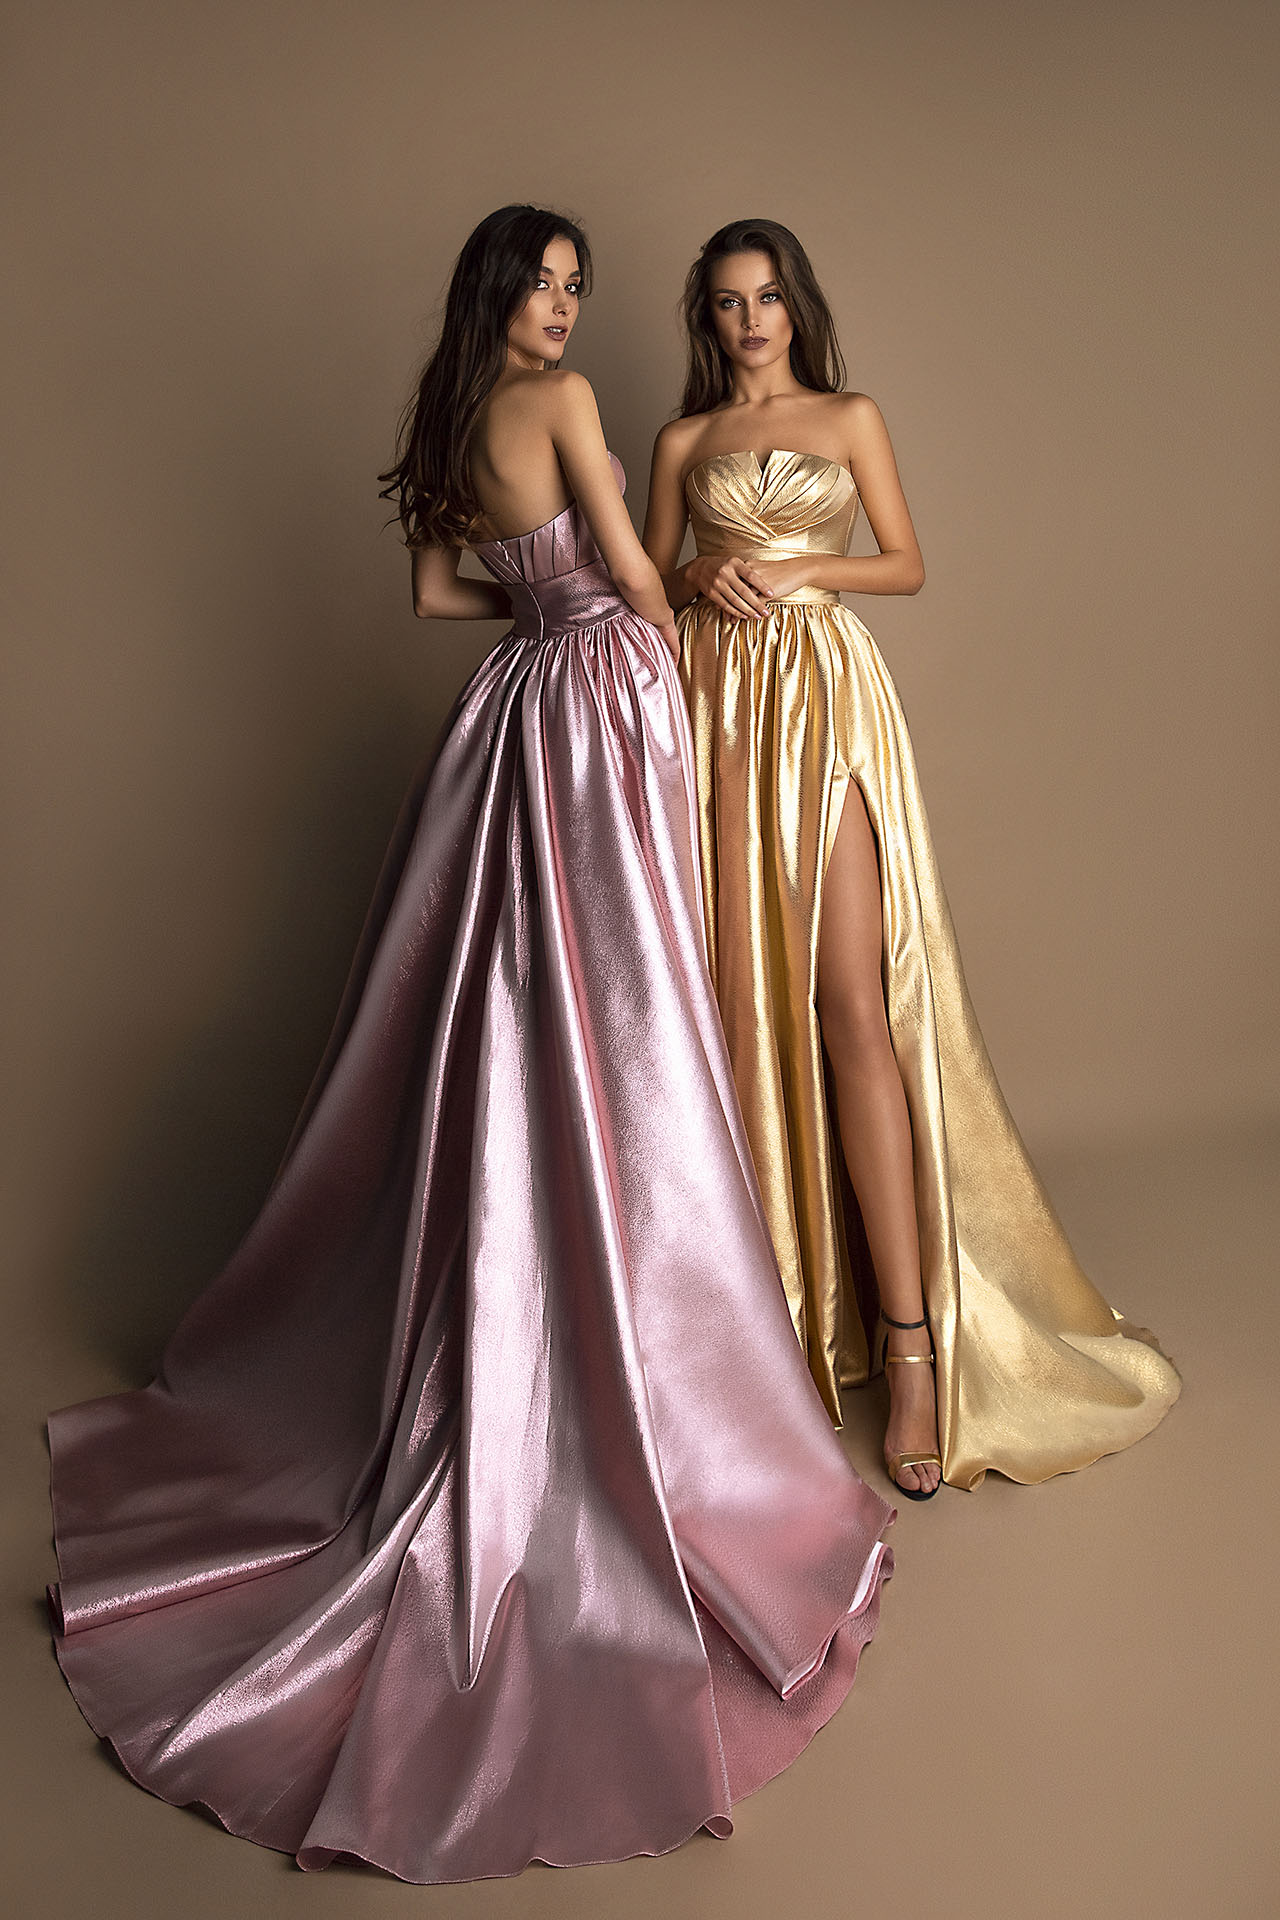 SUKIENKI WIECZOROWE 1610 golden Sylwetka  Balowa suknia   Kolor  Różowy  Złoty  Dekolt  Prosty  Rękawy  Bez rękawów  Flex  Bez trenu - foto 2